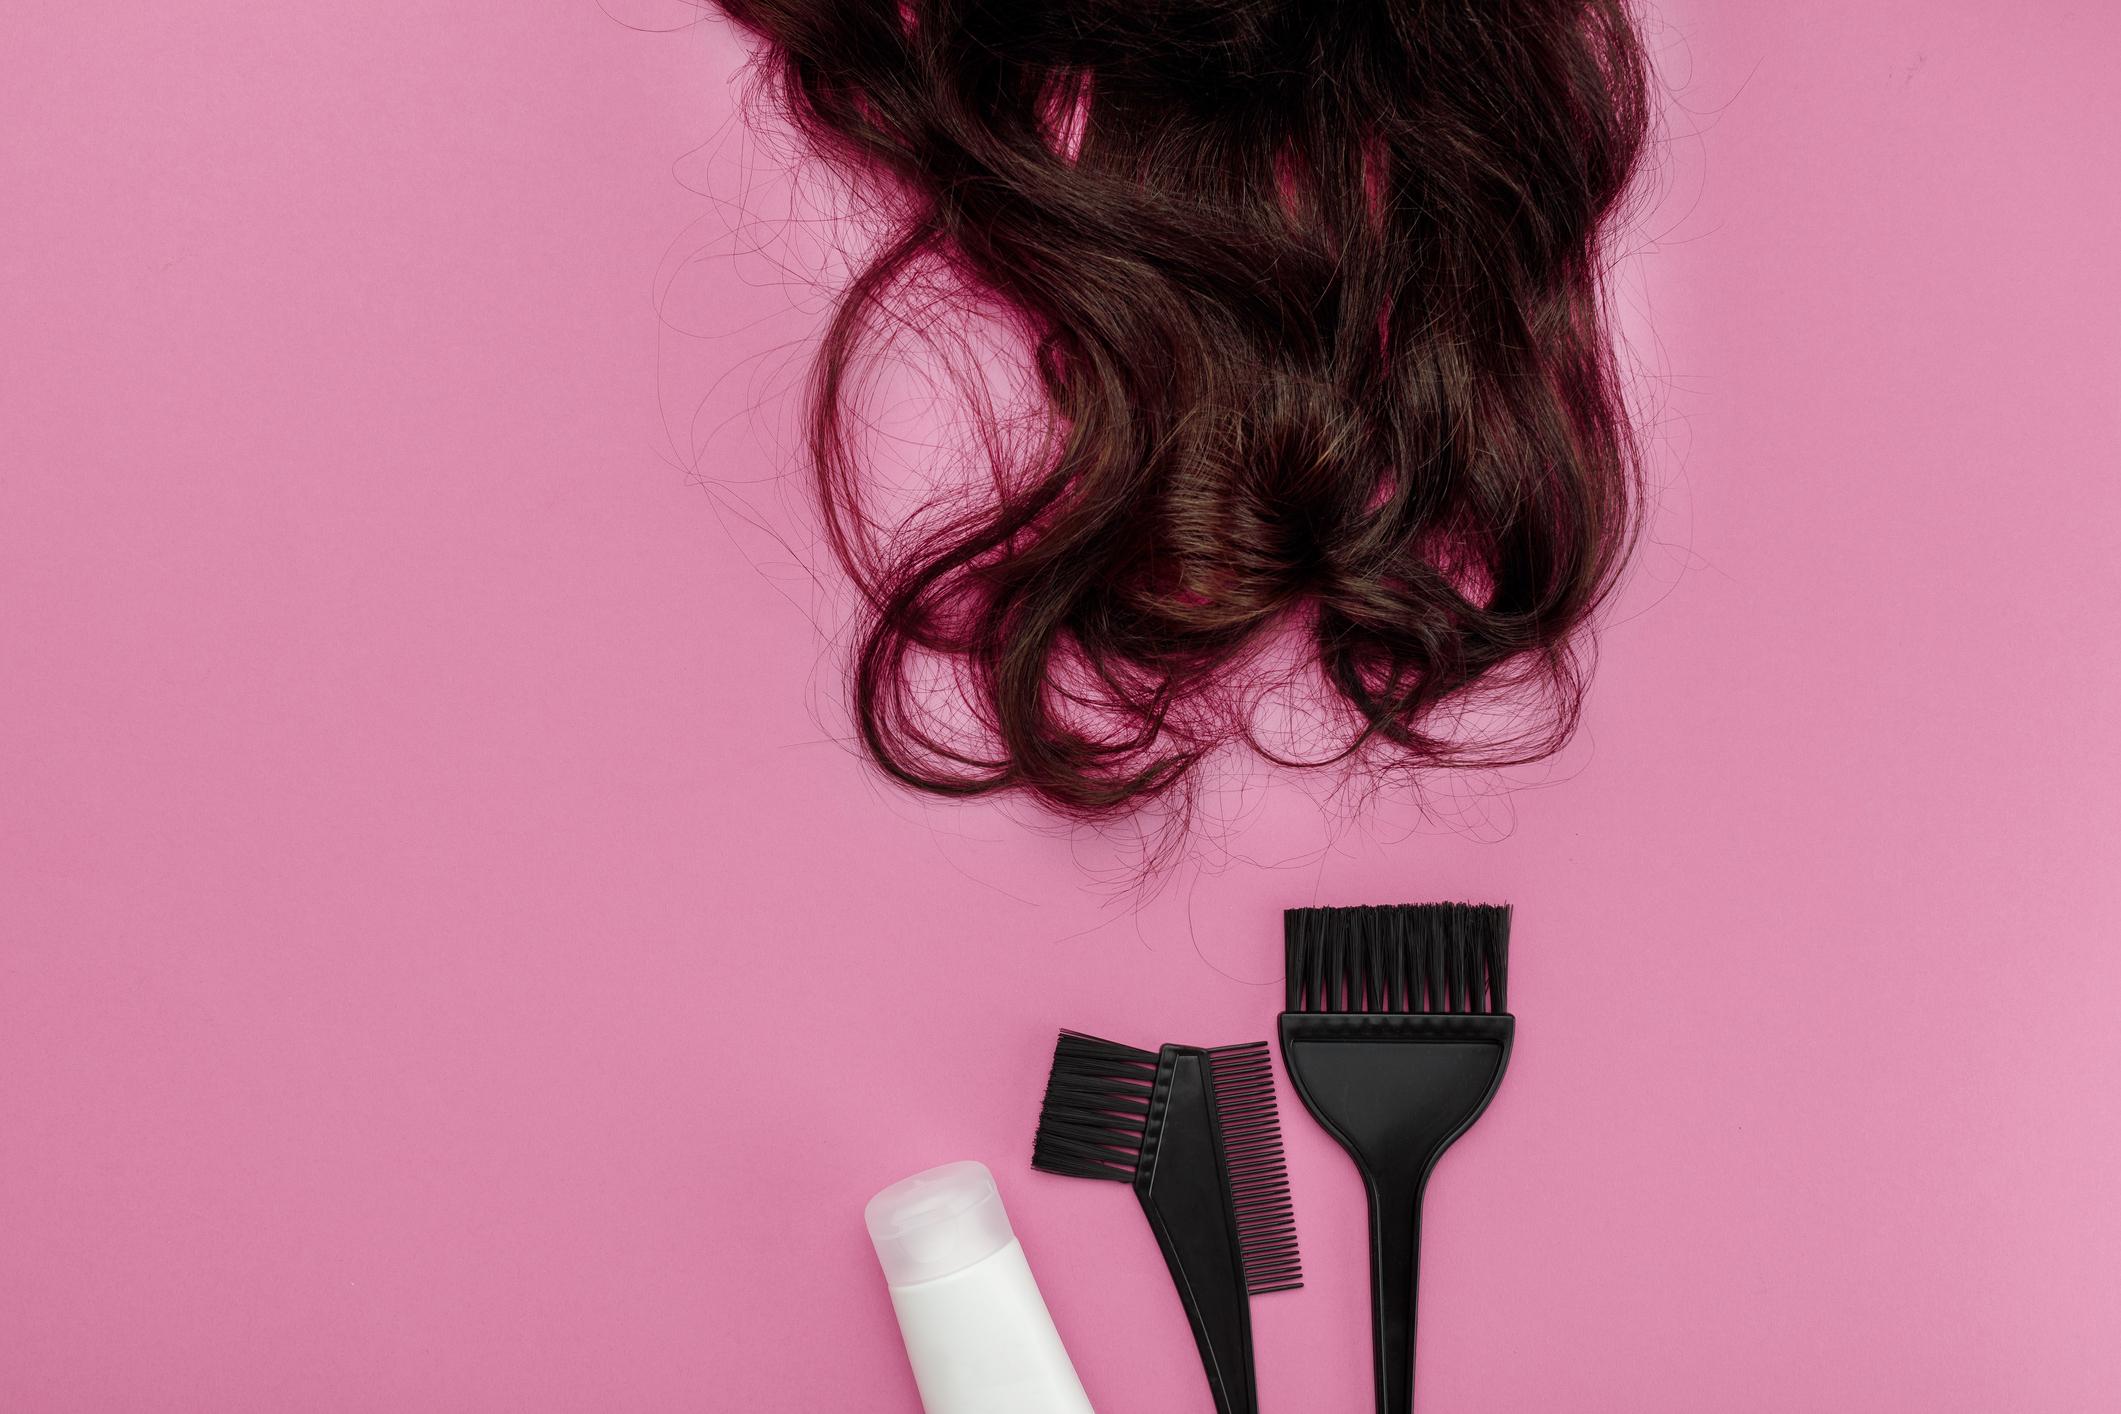 Як самостійно пофарбувати волосся: 25 секретів і лайфхаков